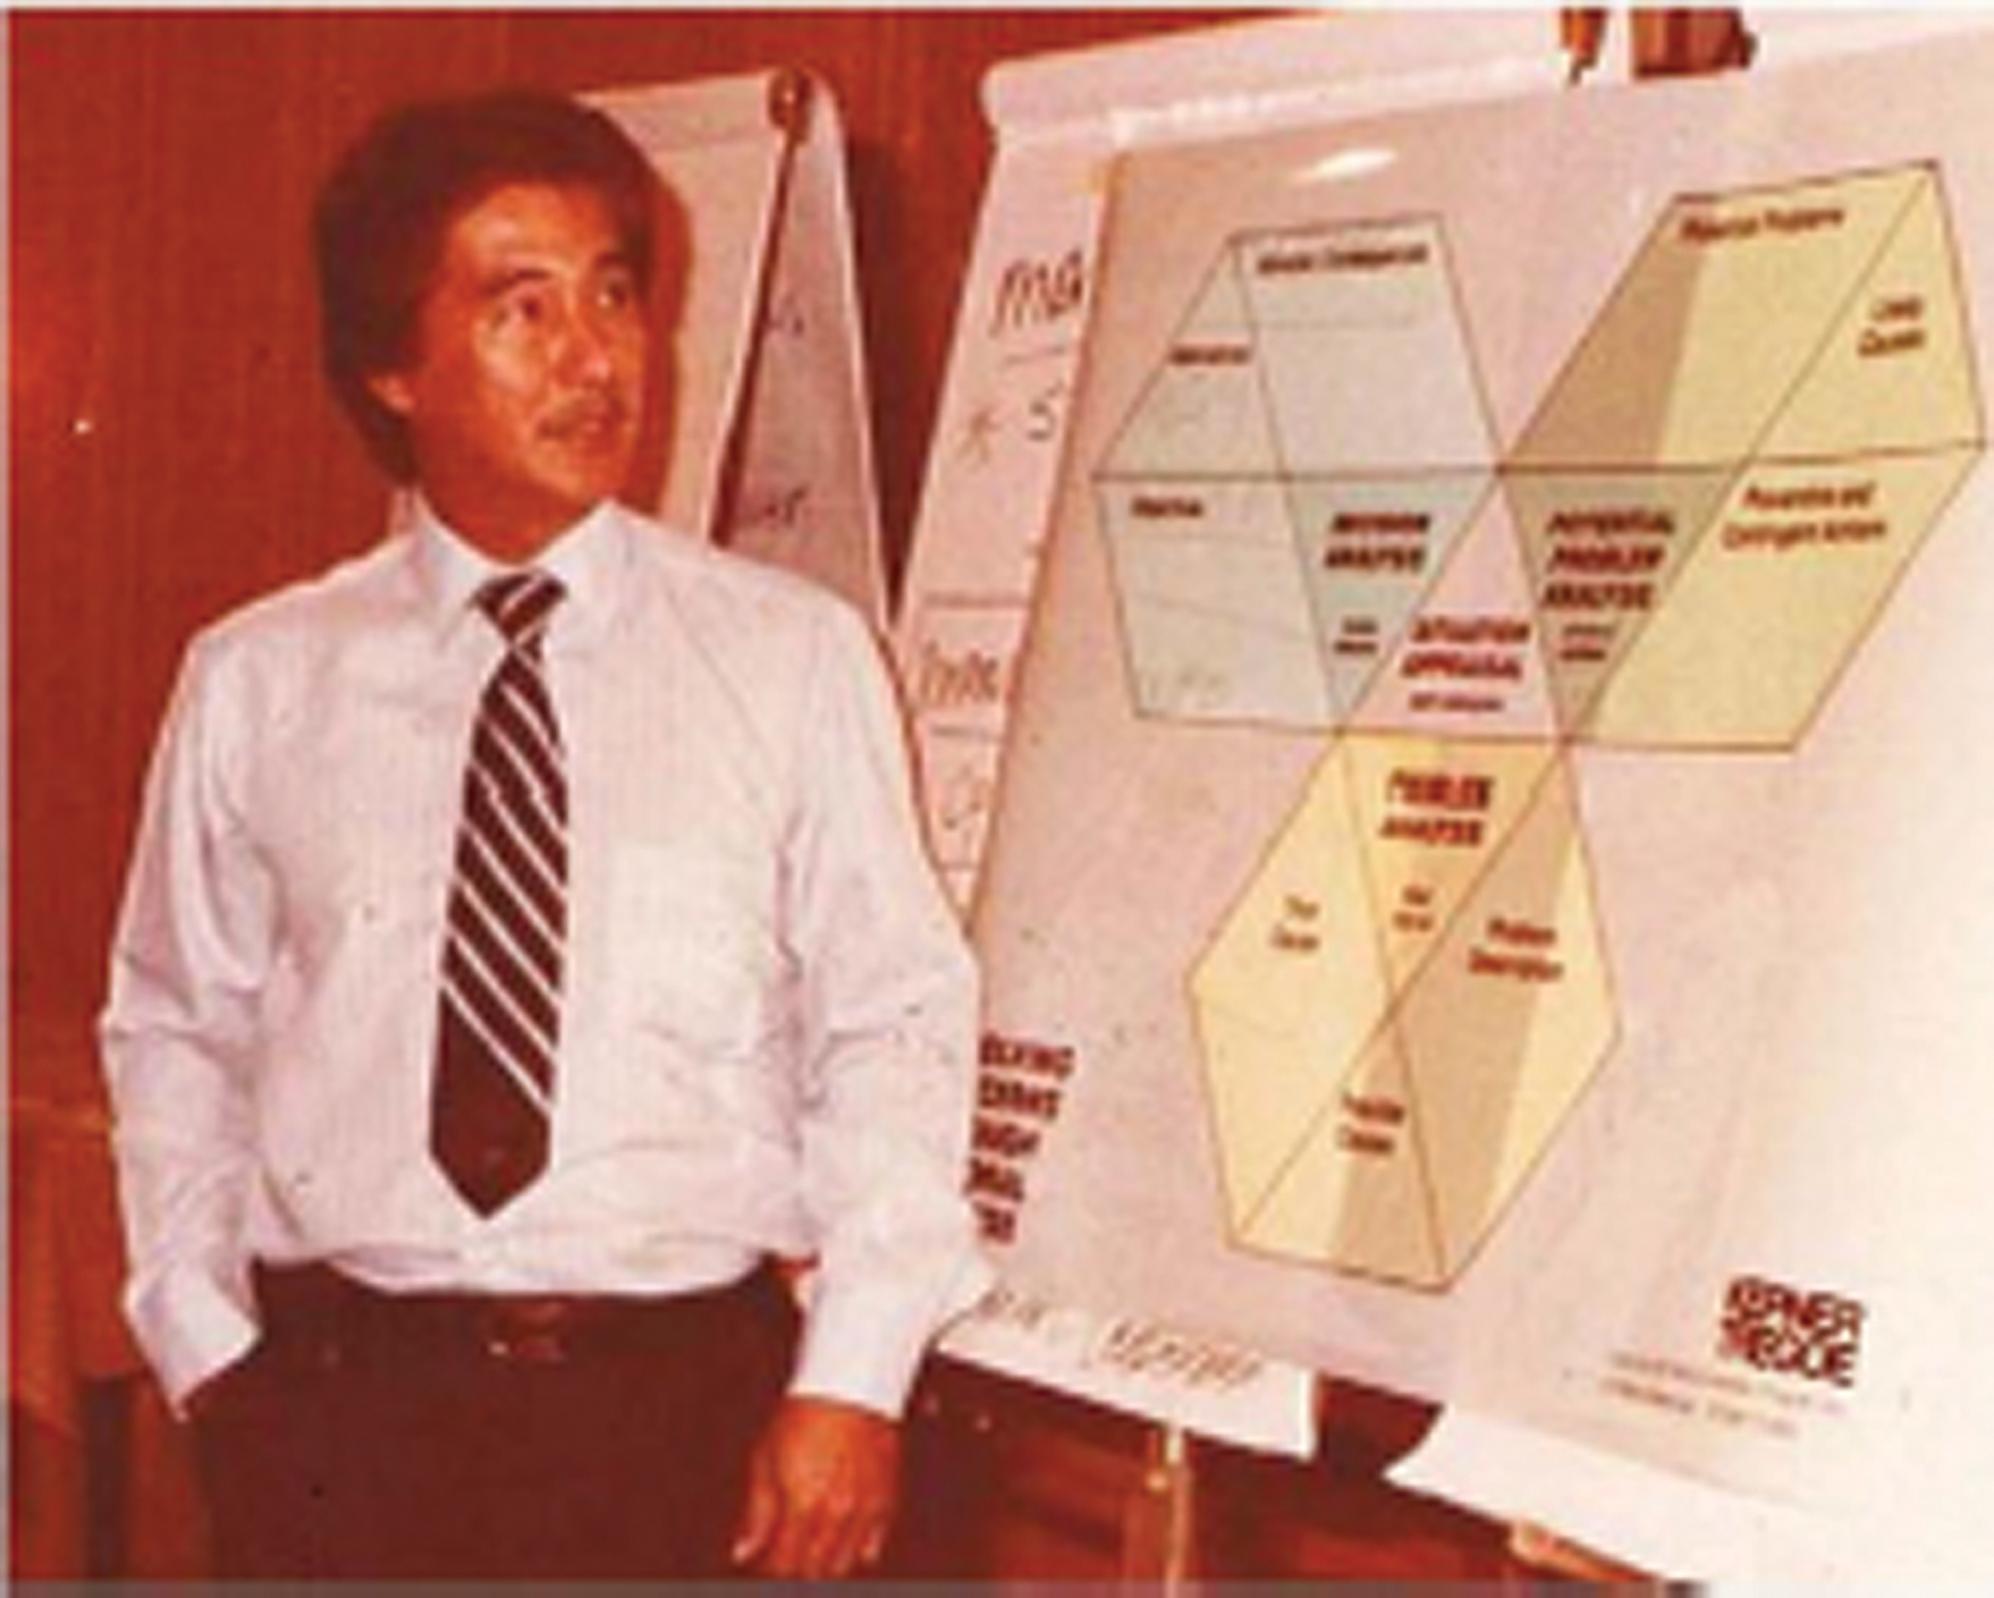 Mr. Penaranda conducting PSDM